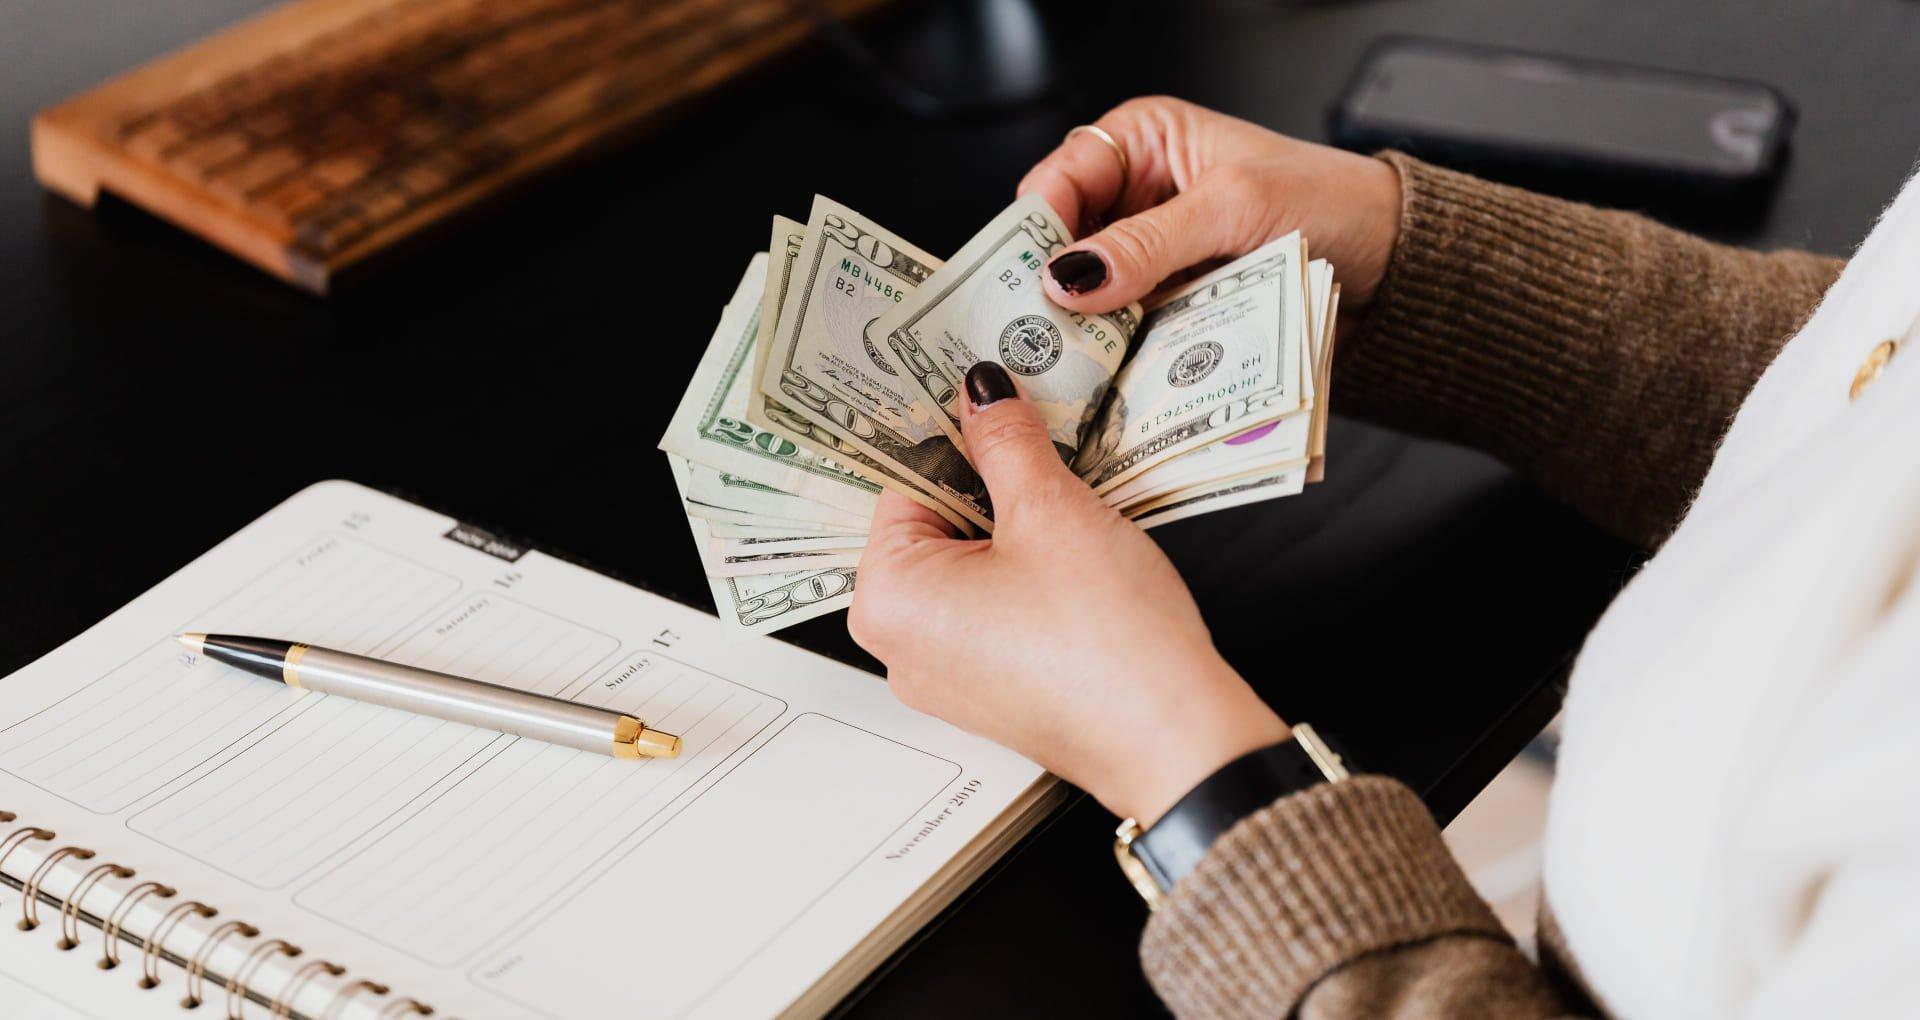 ¿Cómo generar ingresos siendo estudiante?